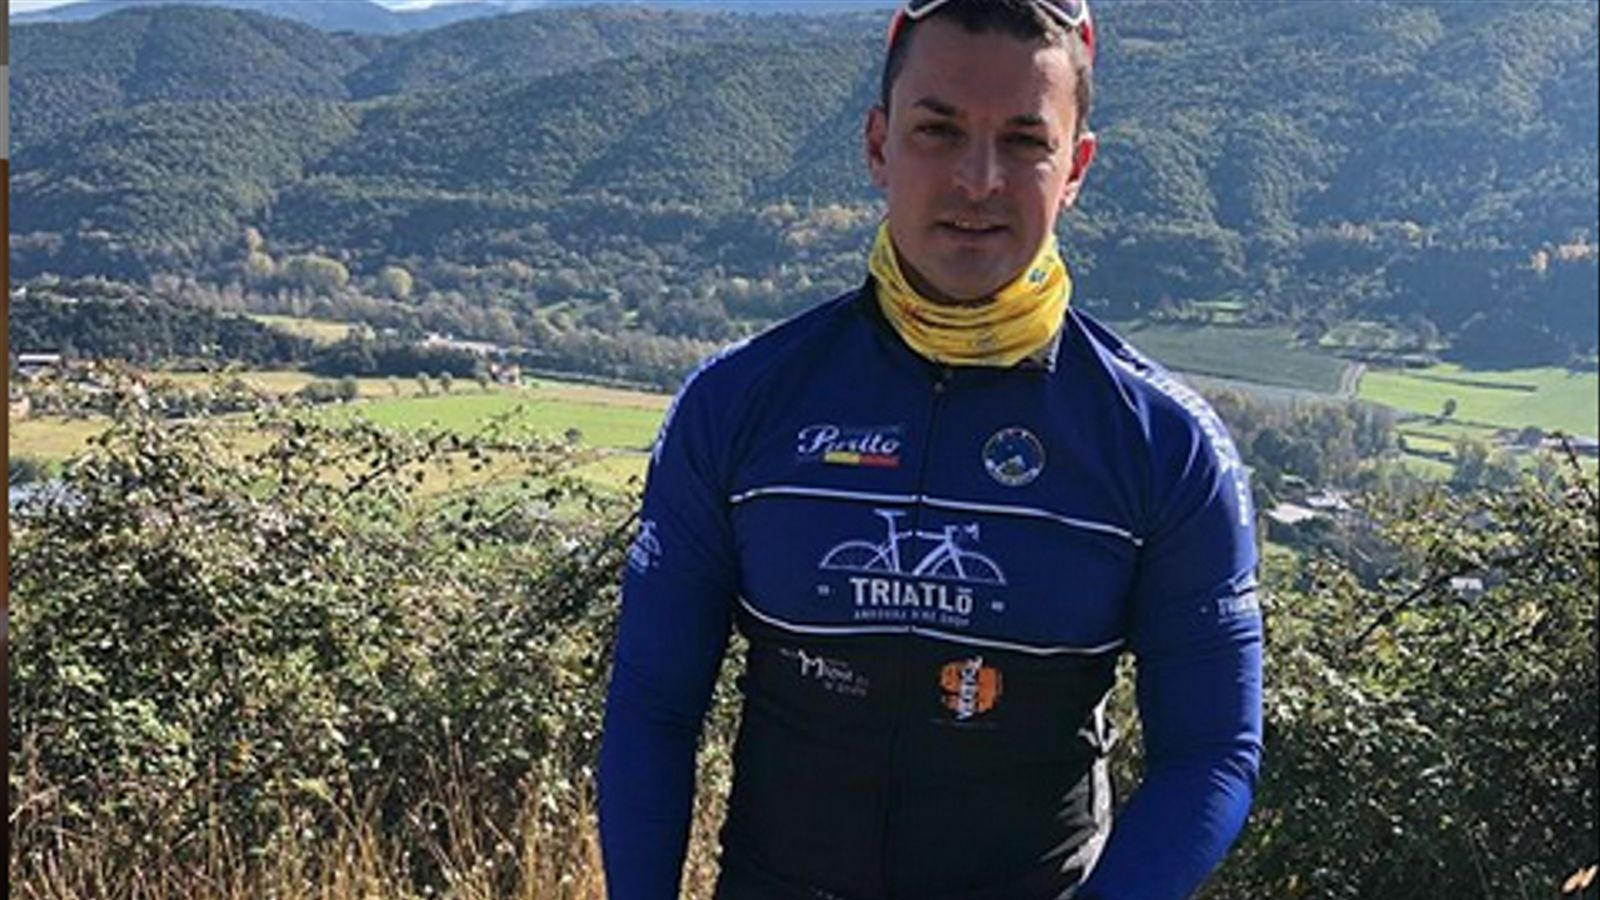 Jordi Gallardo durant una sortida amb bici de carretera. / INSTAGRAM